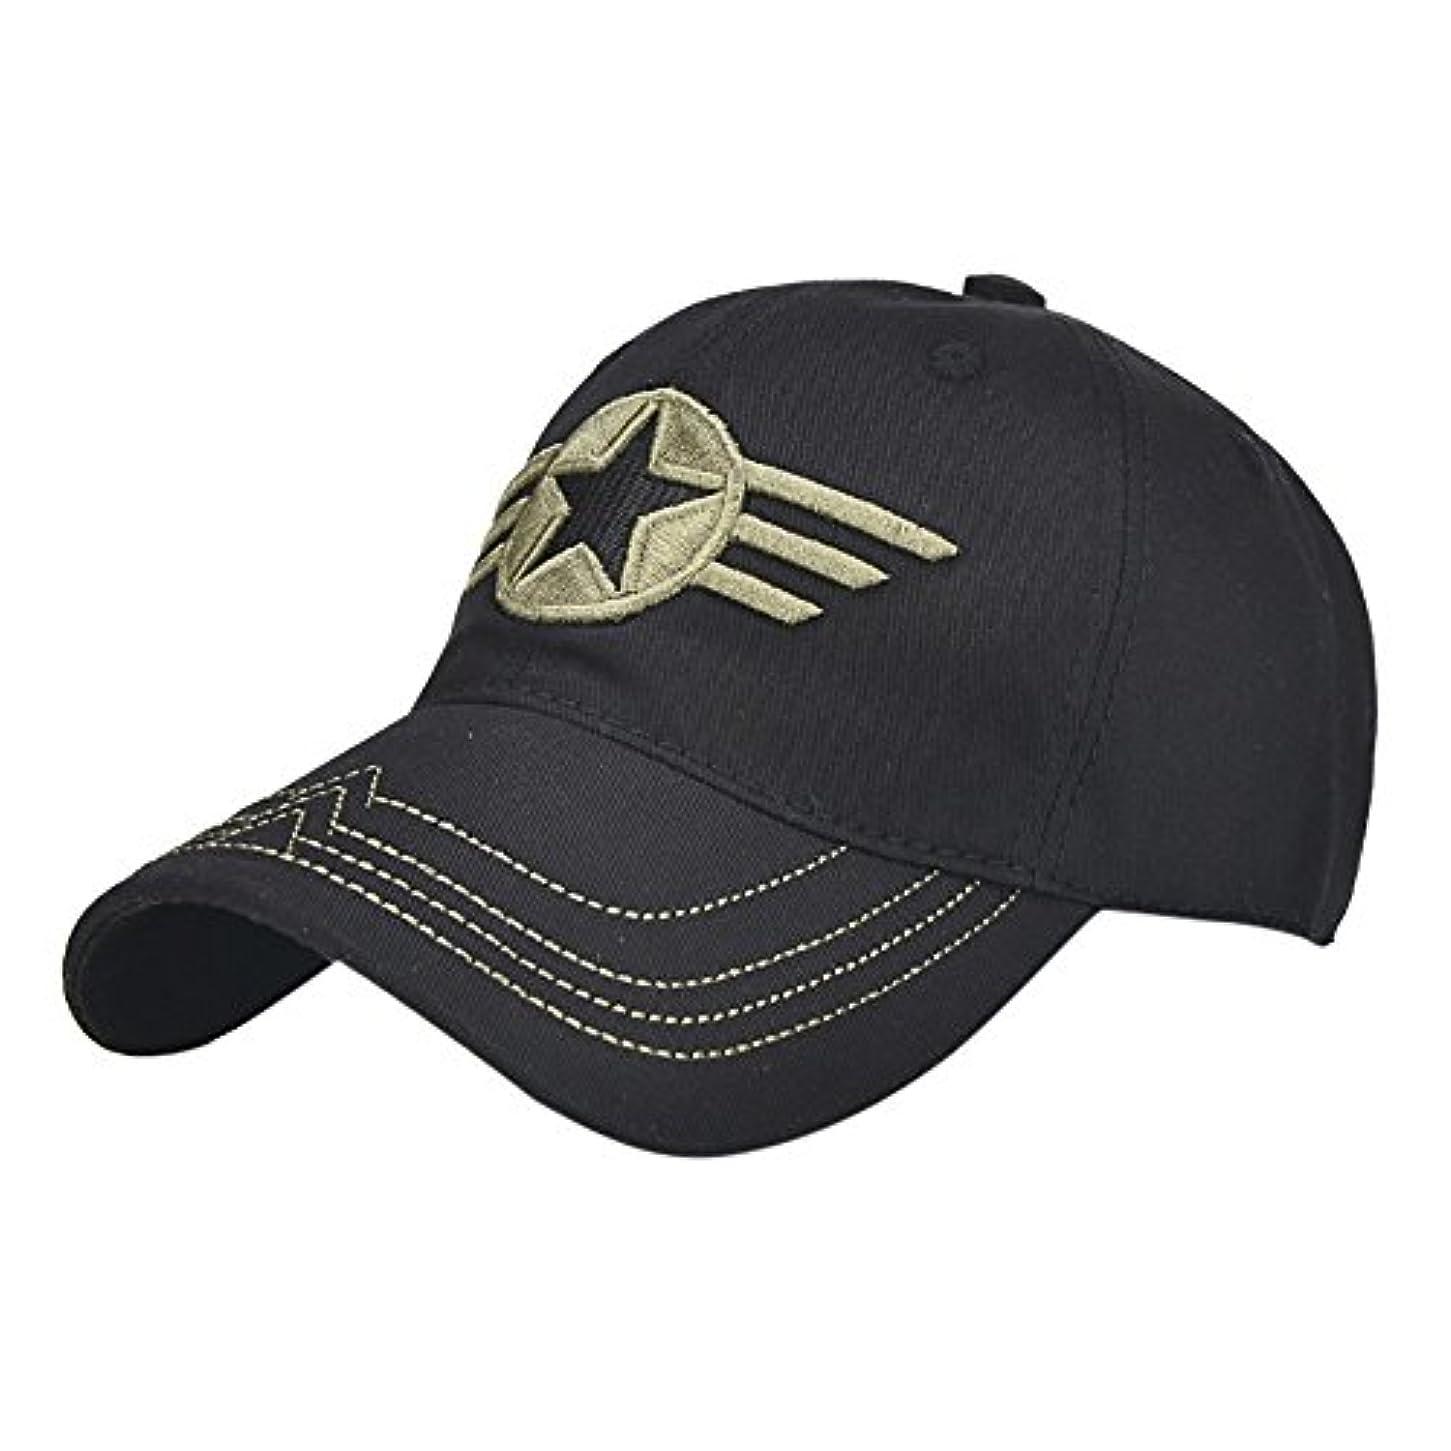 精神オフセンサーRacazing Cap ミリタリーキャップ 野球帽 迷彩 夏 登山 通気性のある メッシュ 帽子 ベルクロ 可調整可能 スターバッジ 刺繍 棒球帽 UV 帽子 軽量 屋外 Unisex Hat (黒)